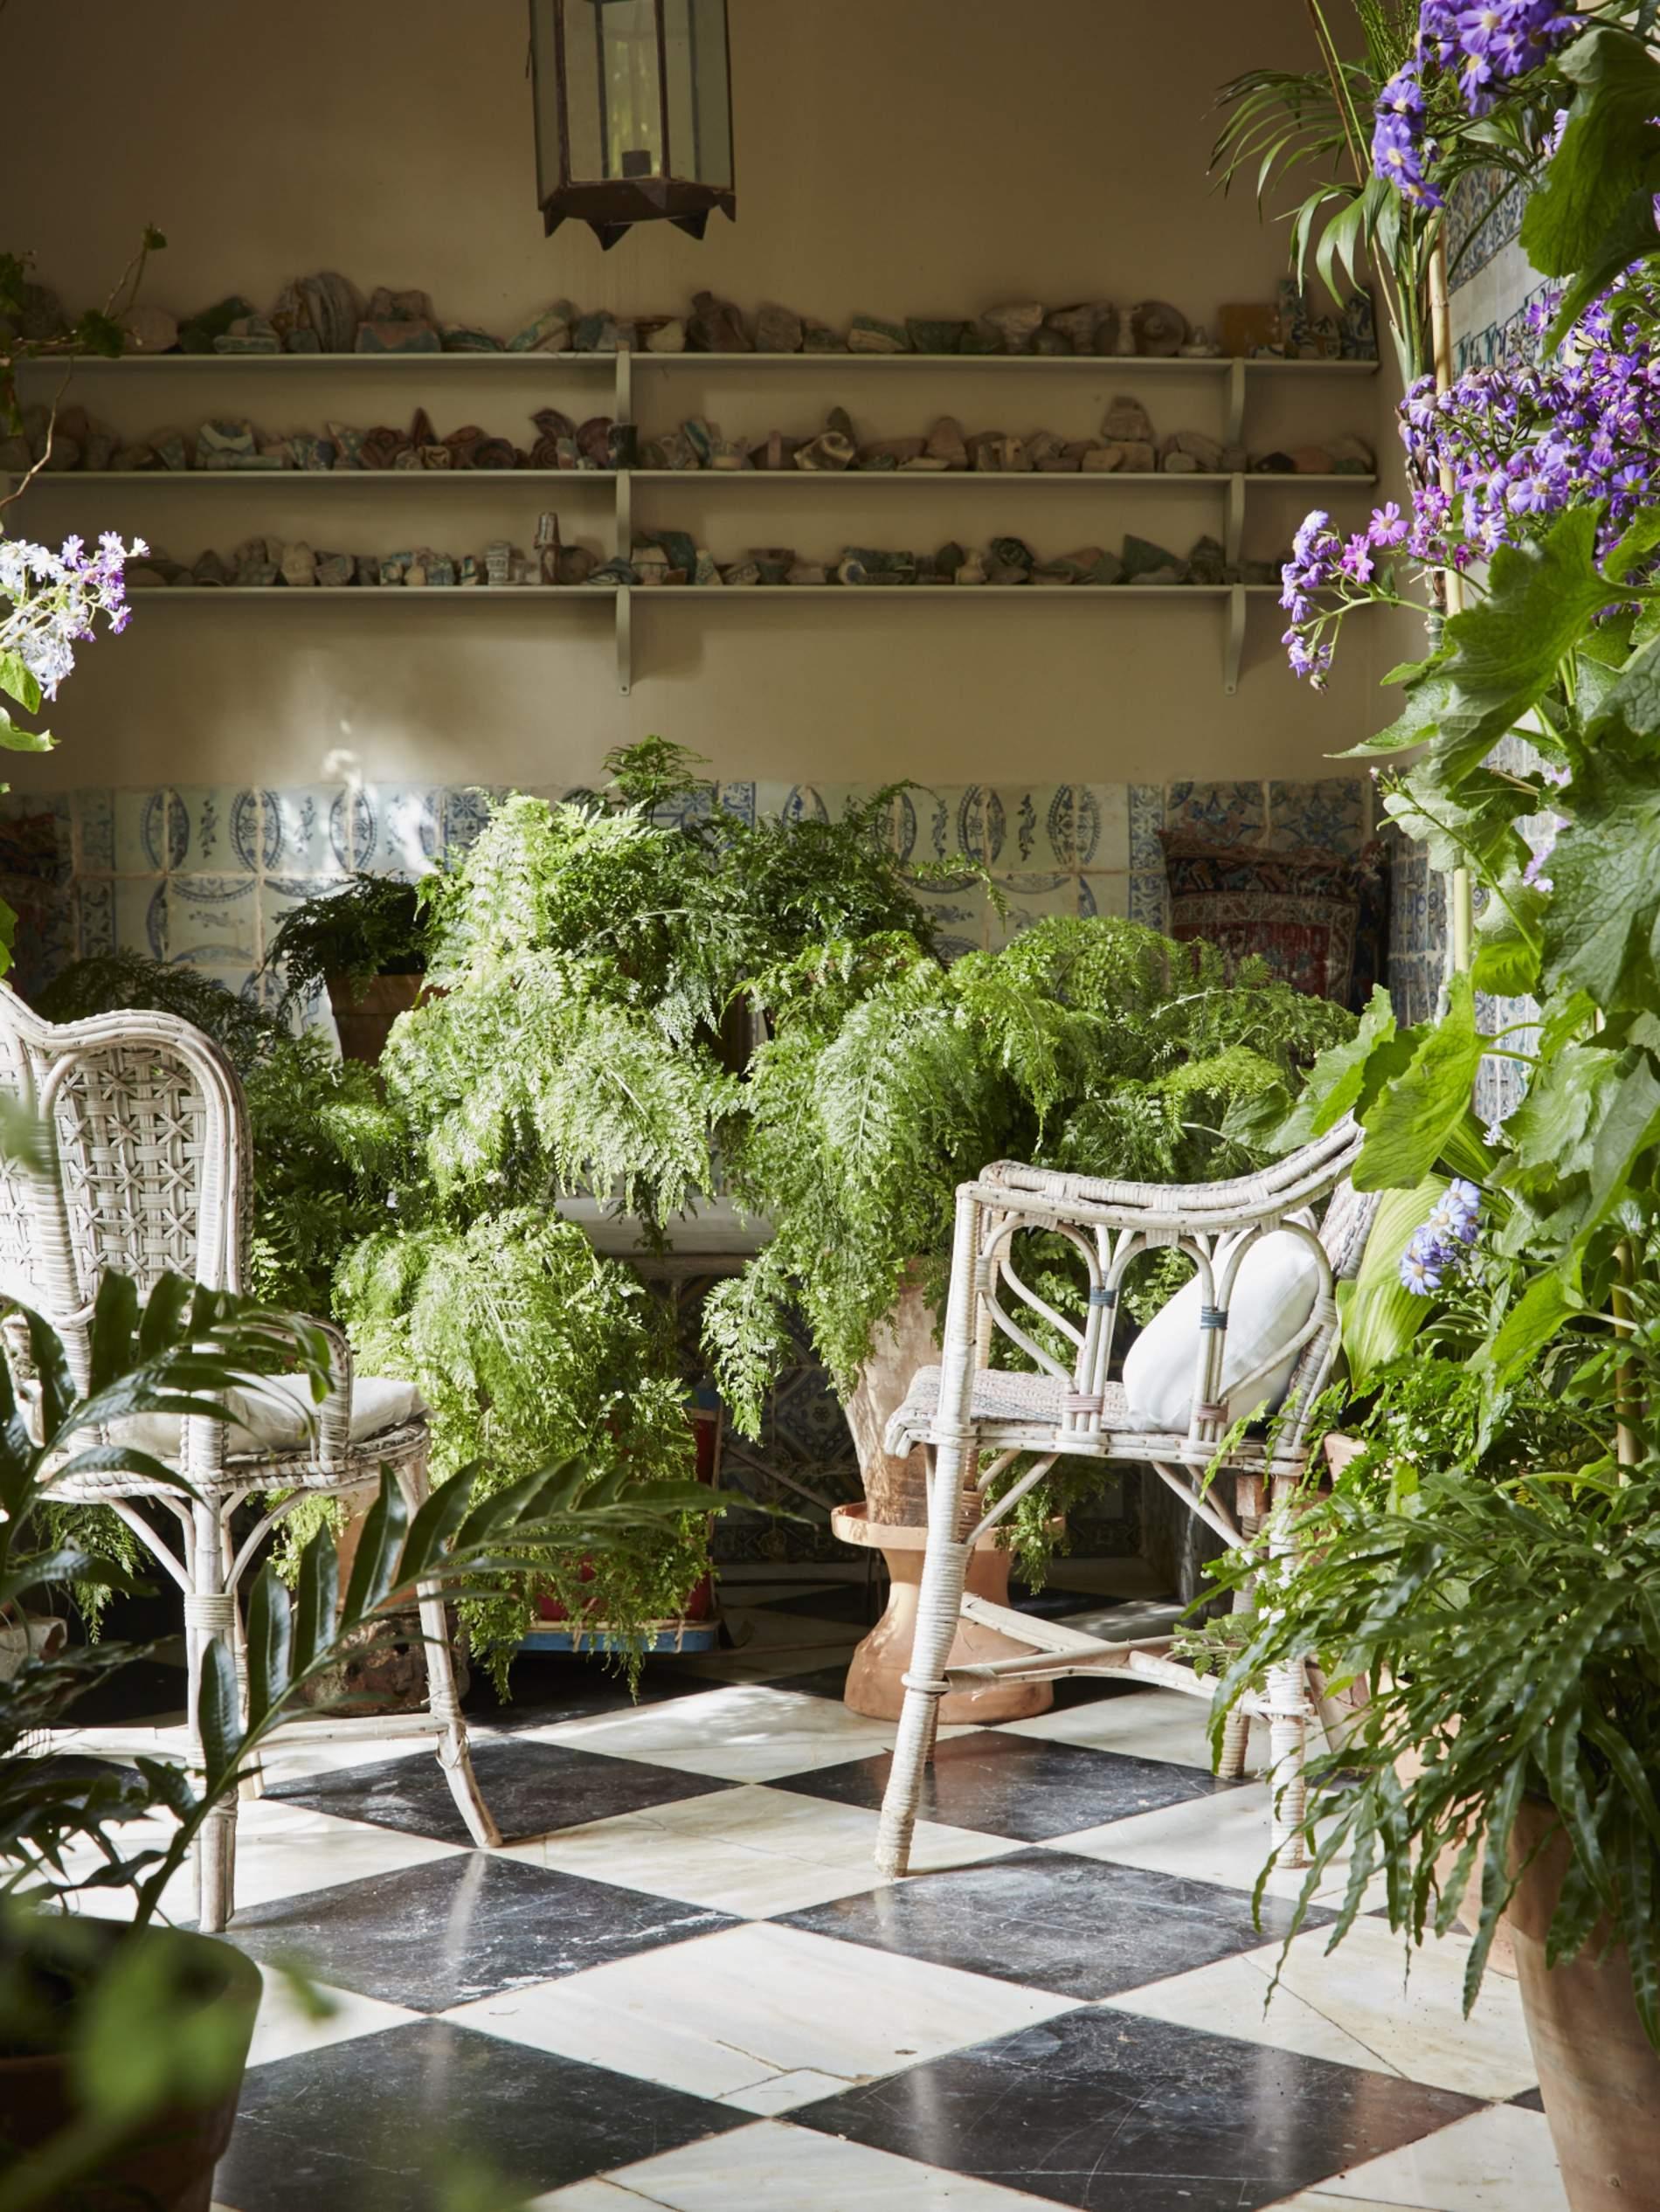 Garden Design Ideas: How To Create A Dream Garden In Any Space